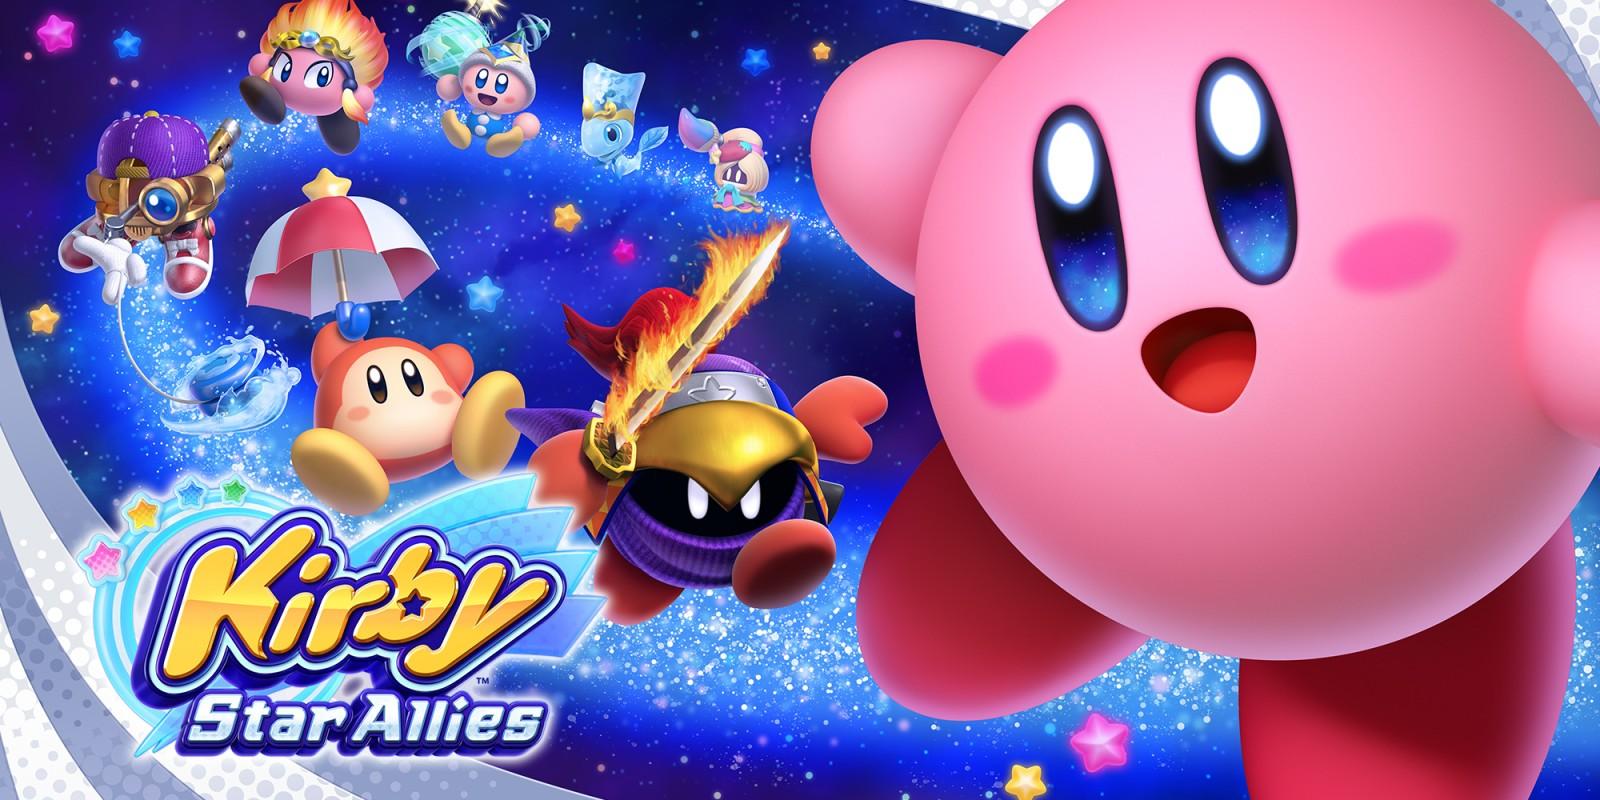 Kirby Star Allies - final boss concept art